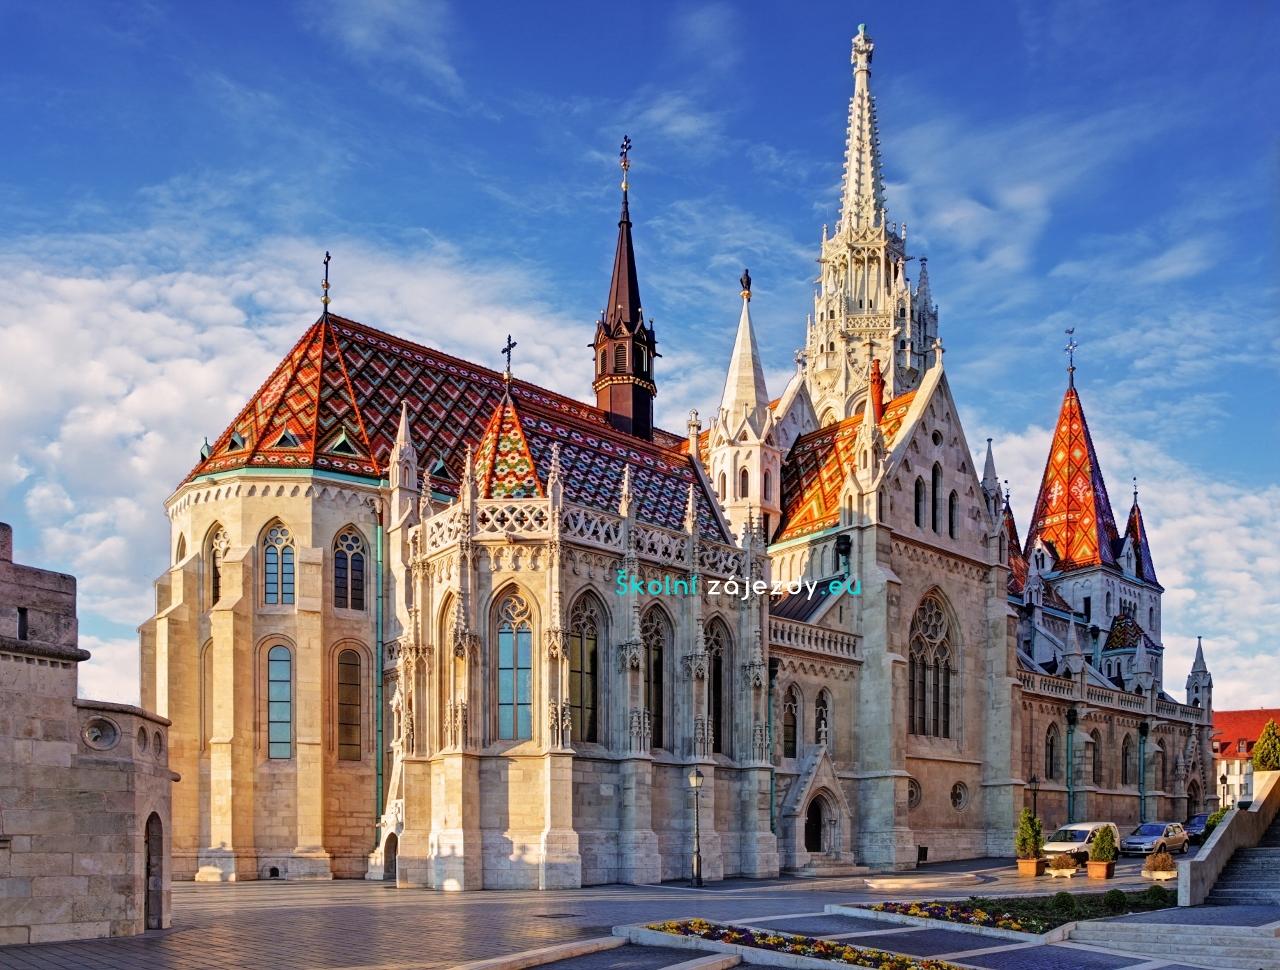 Školní zájezd do Budapešti a okolí